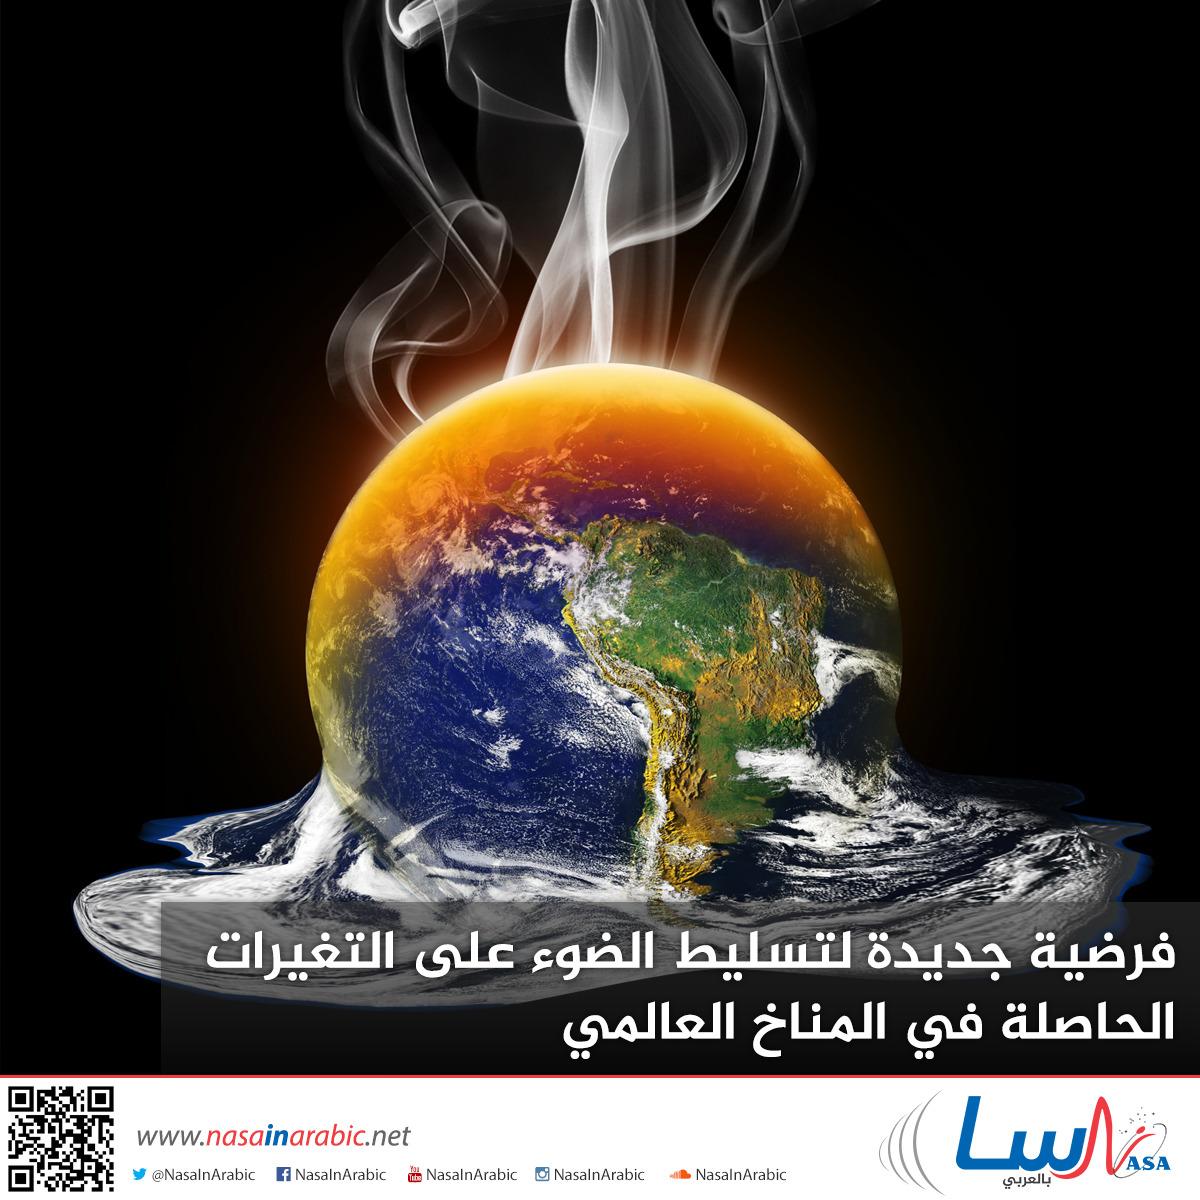 فرضية جديدة لتسليط الضوء على التغيرات الحاصلة في المناخ العالمي